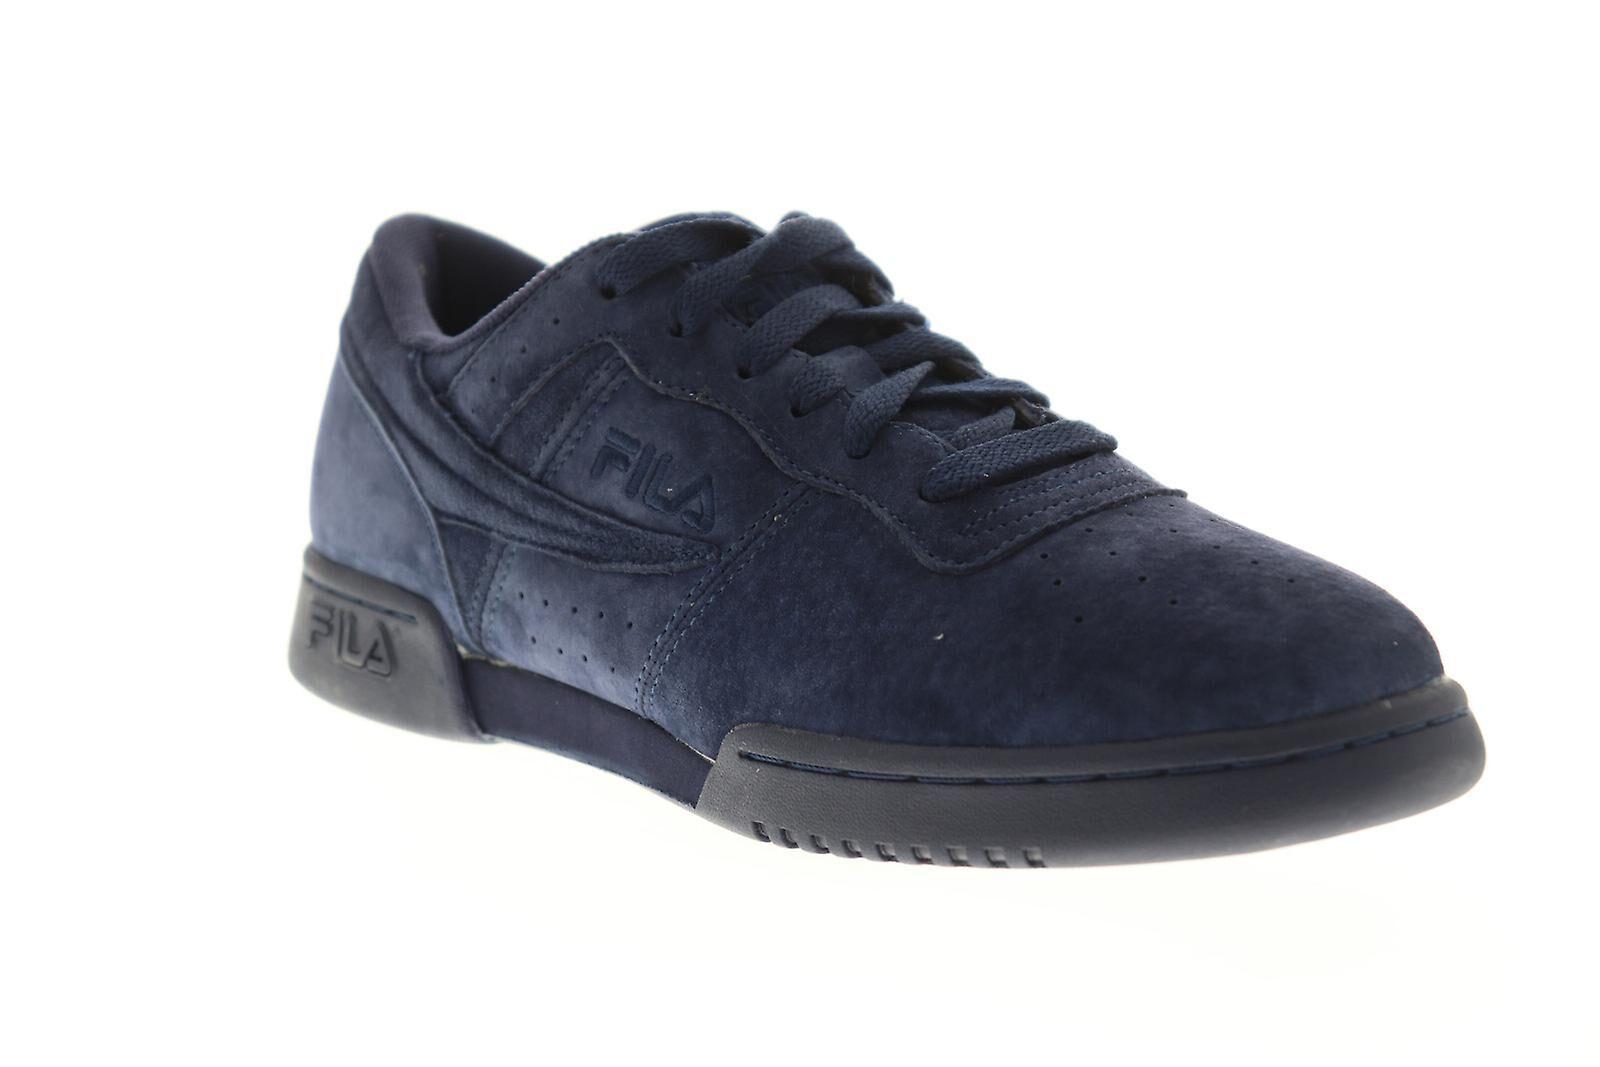 Fila Chaussures Fila Original Fitness Mens Blue Suede Casual Low Top Sne...